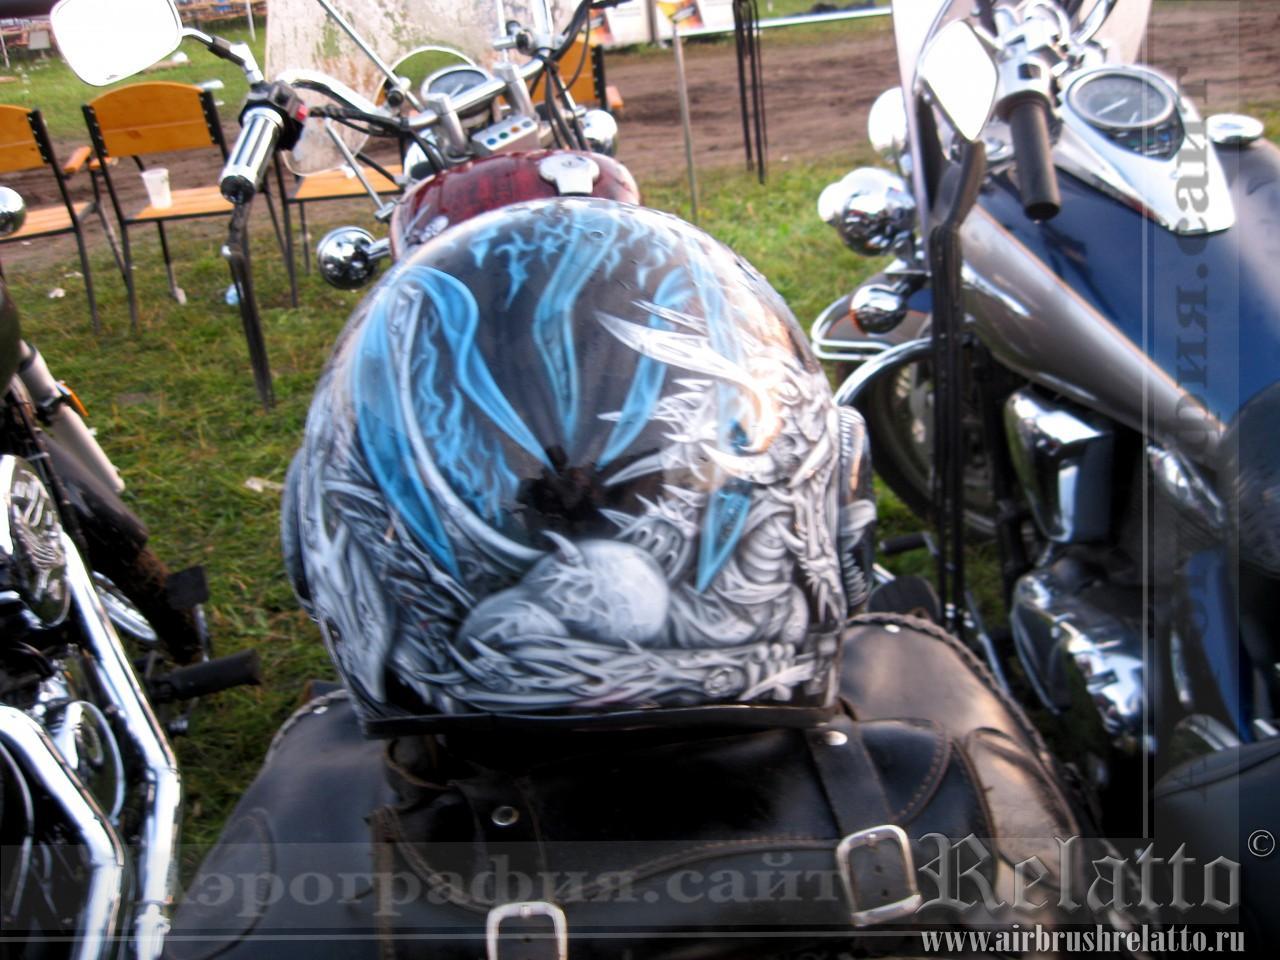 Аэрография шлемов